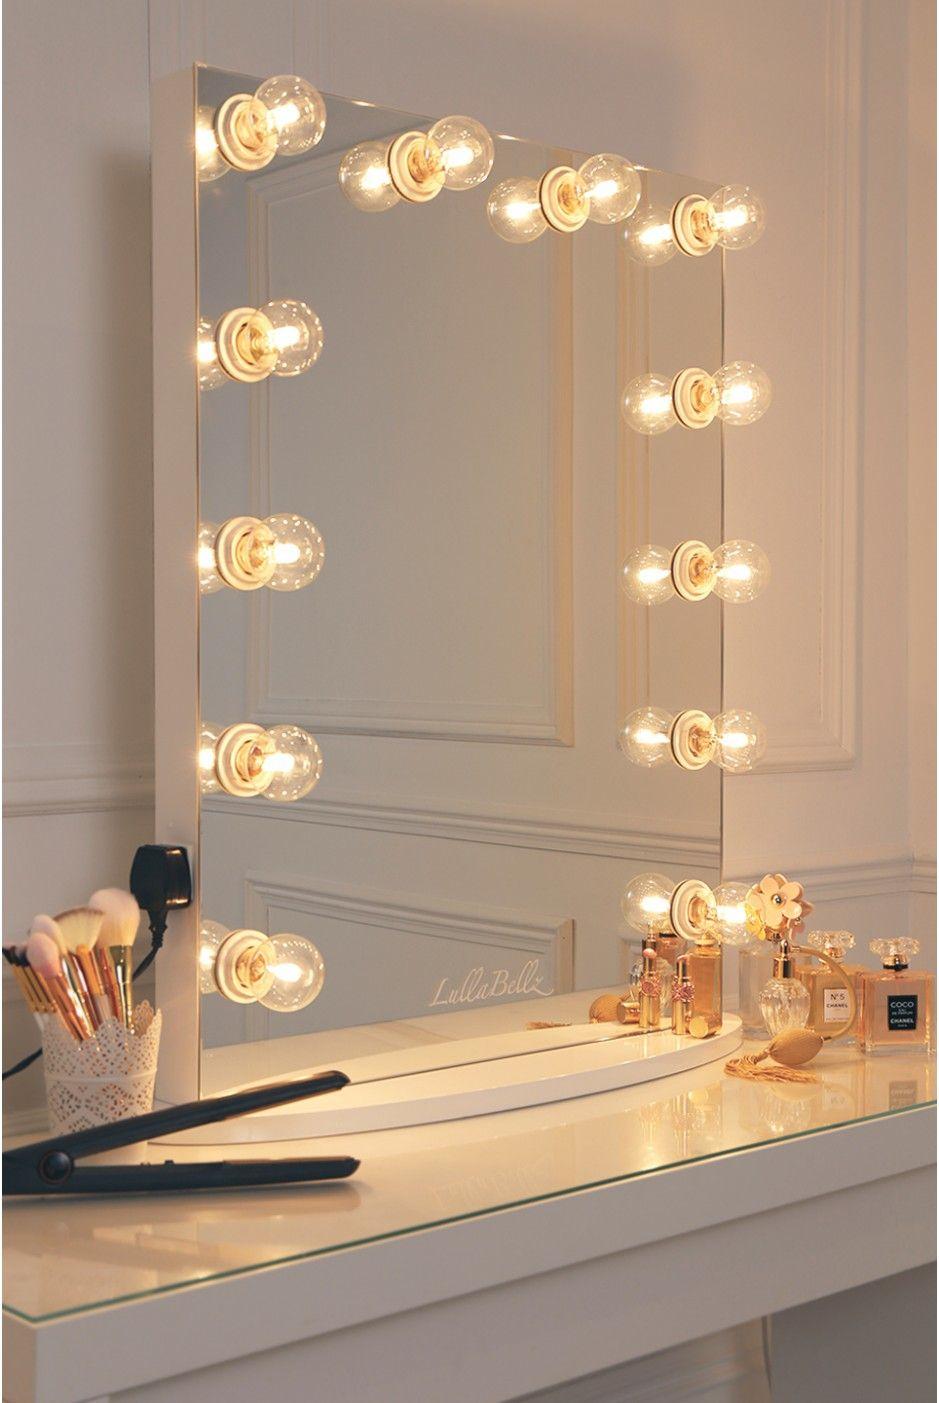 Hollywood glow vanity mirror with clear bulbs lullabellz hollywood glow vanity mirror with clear bulbs lullabellz geotapseo Choice Image